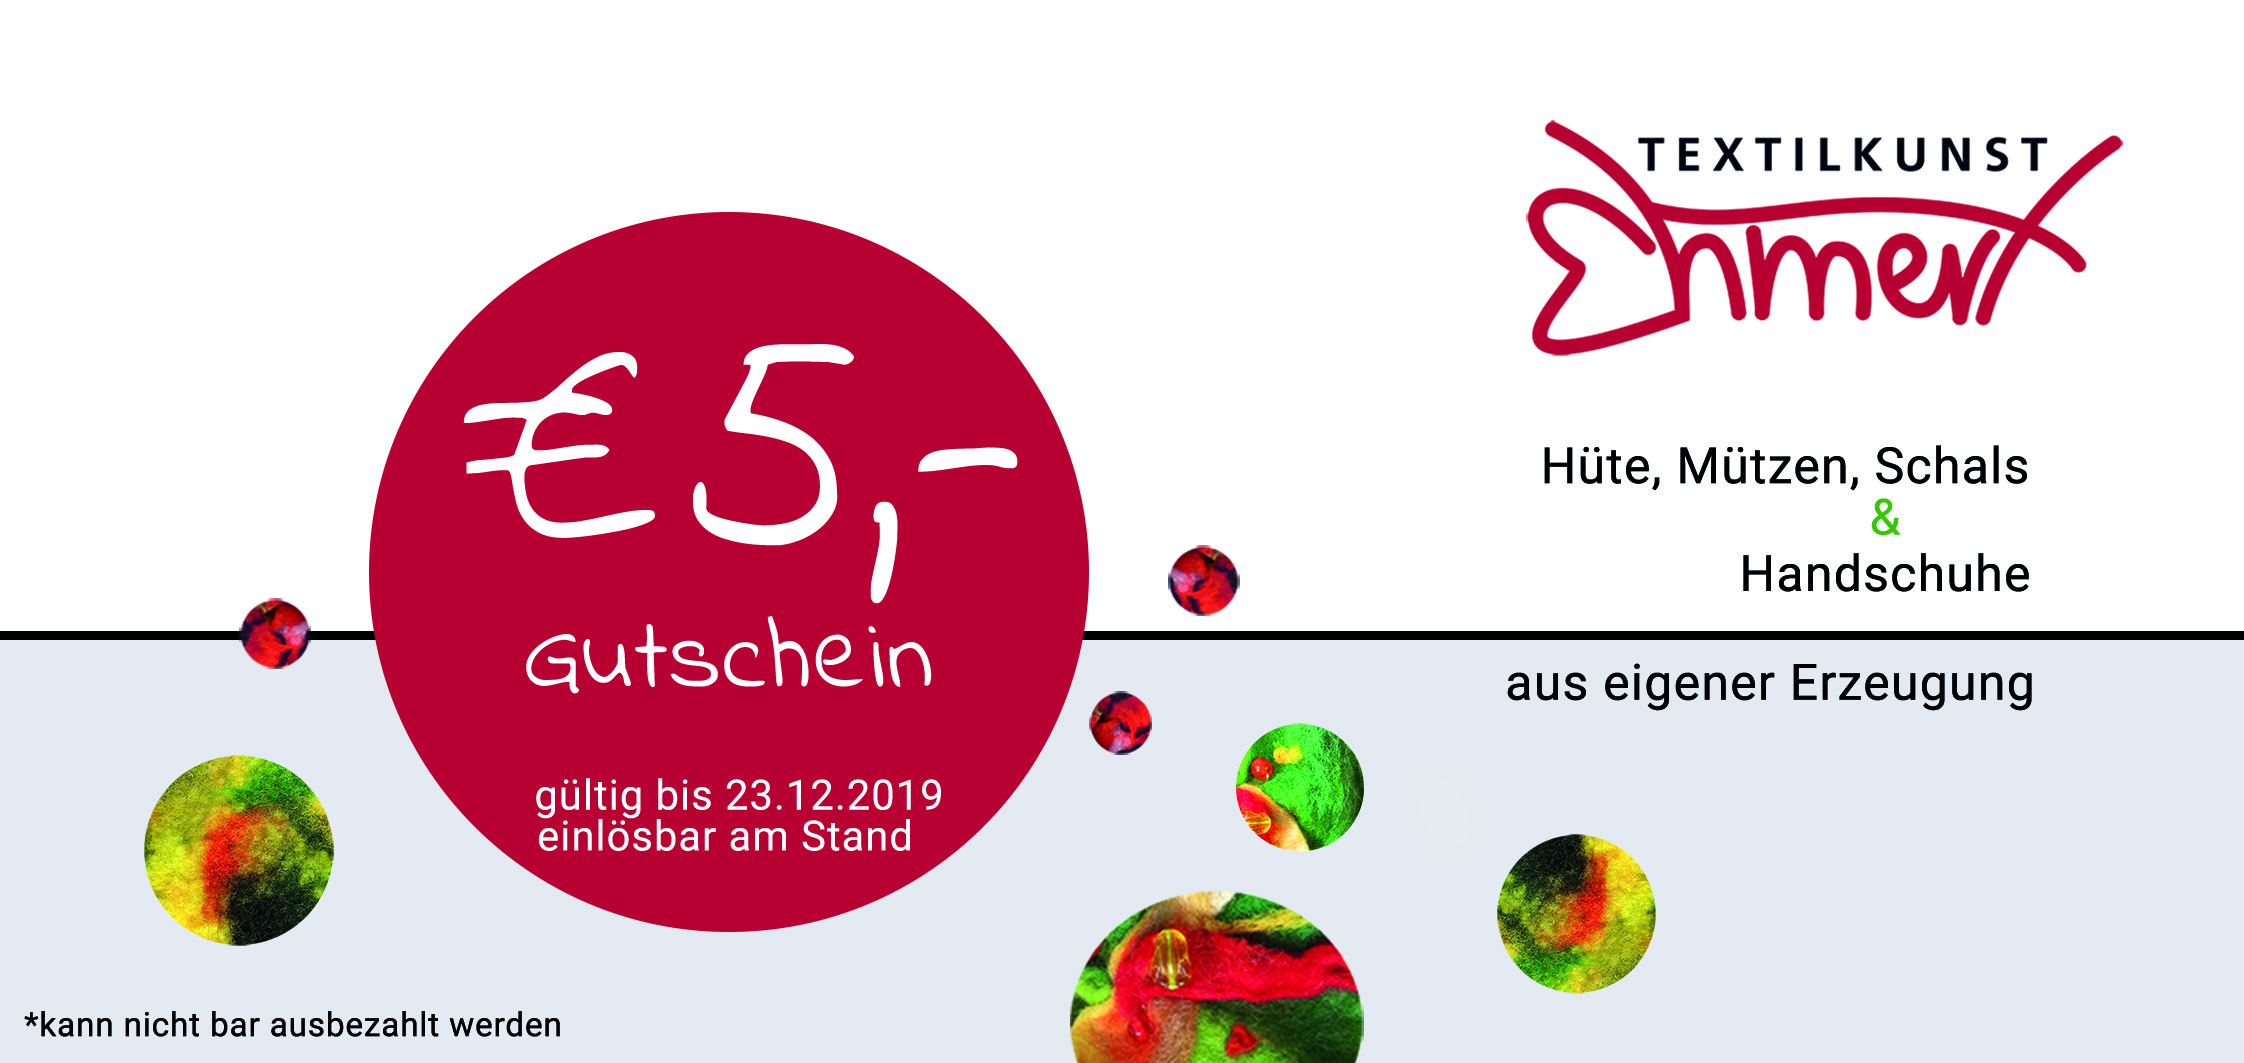 5,00 Euro Gutscheine am Stand vor der Kartlskirche